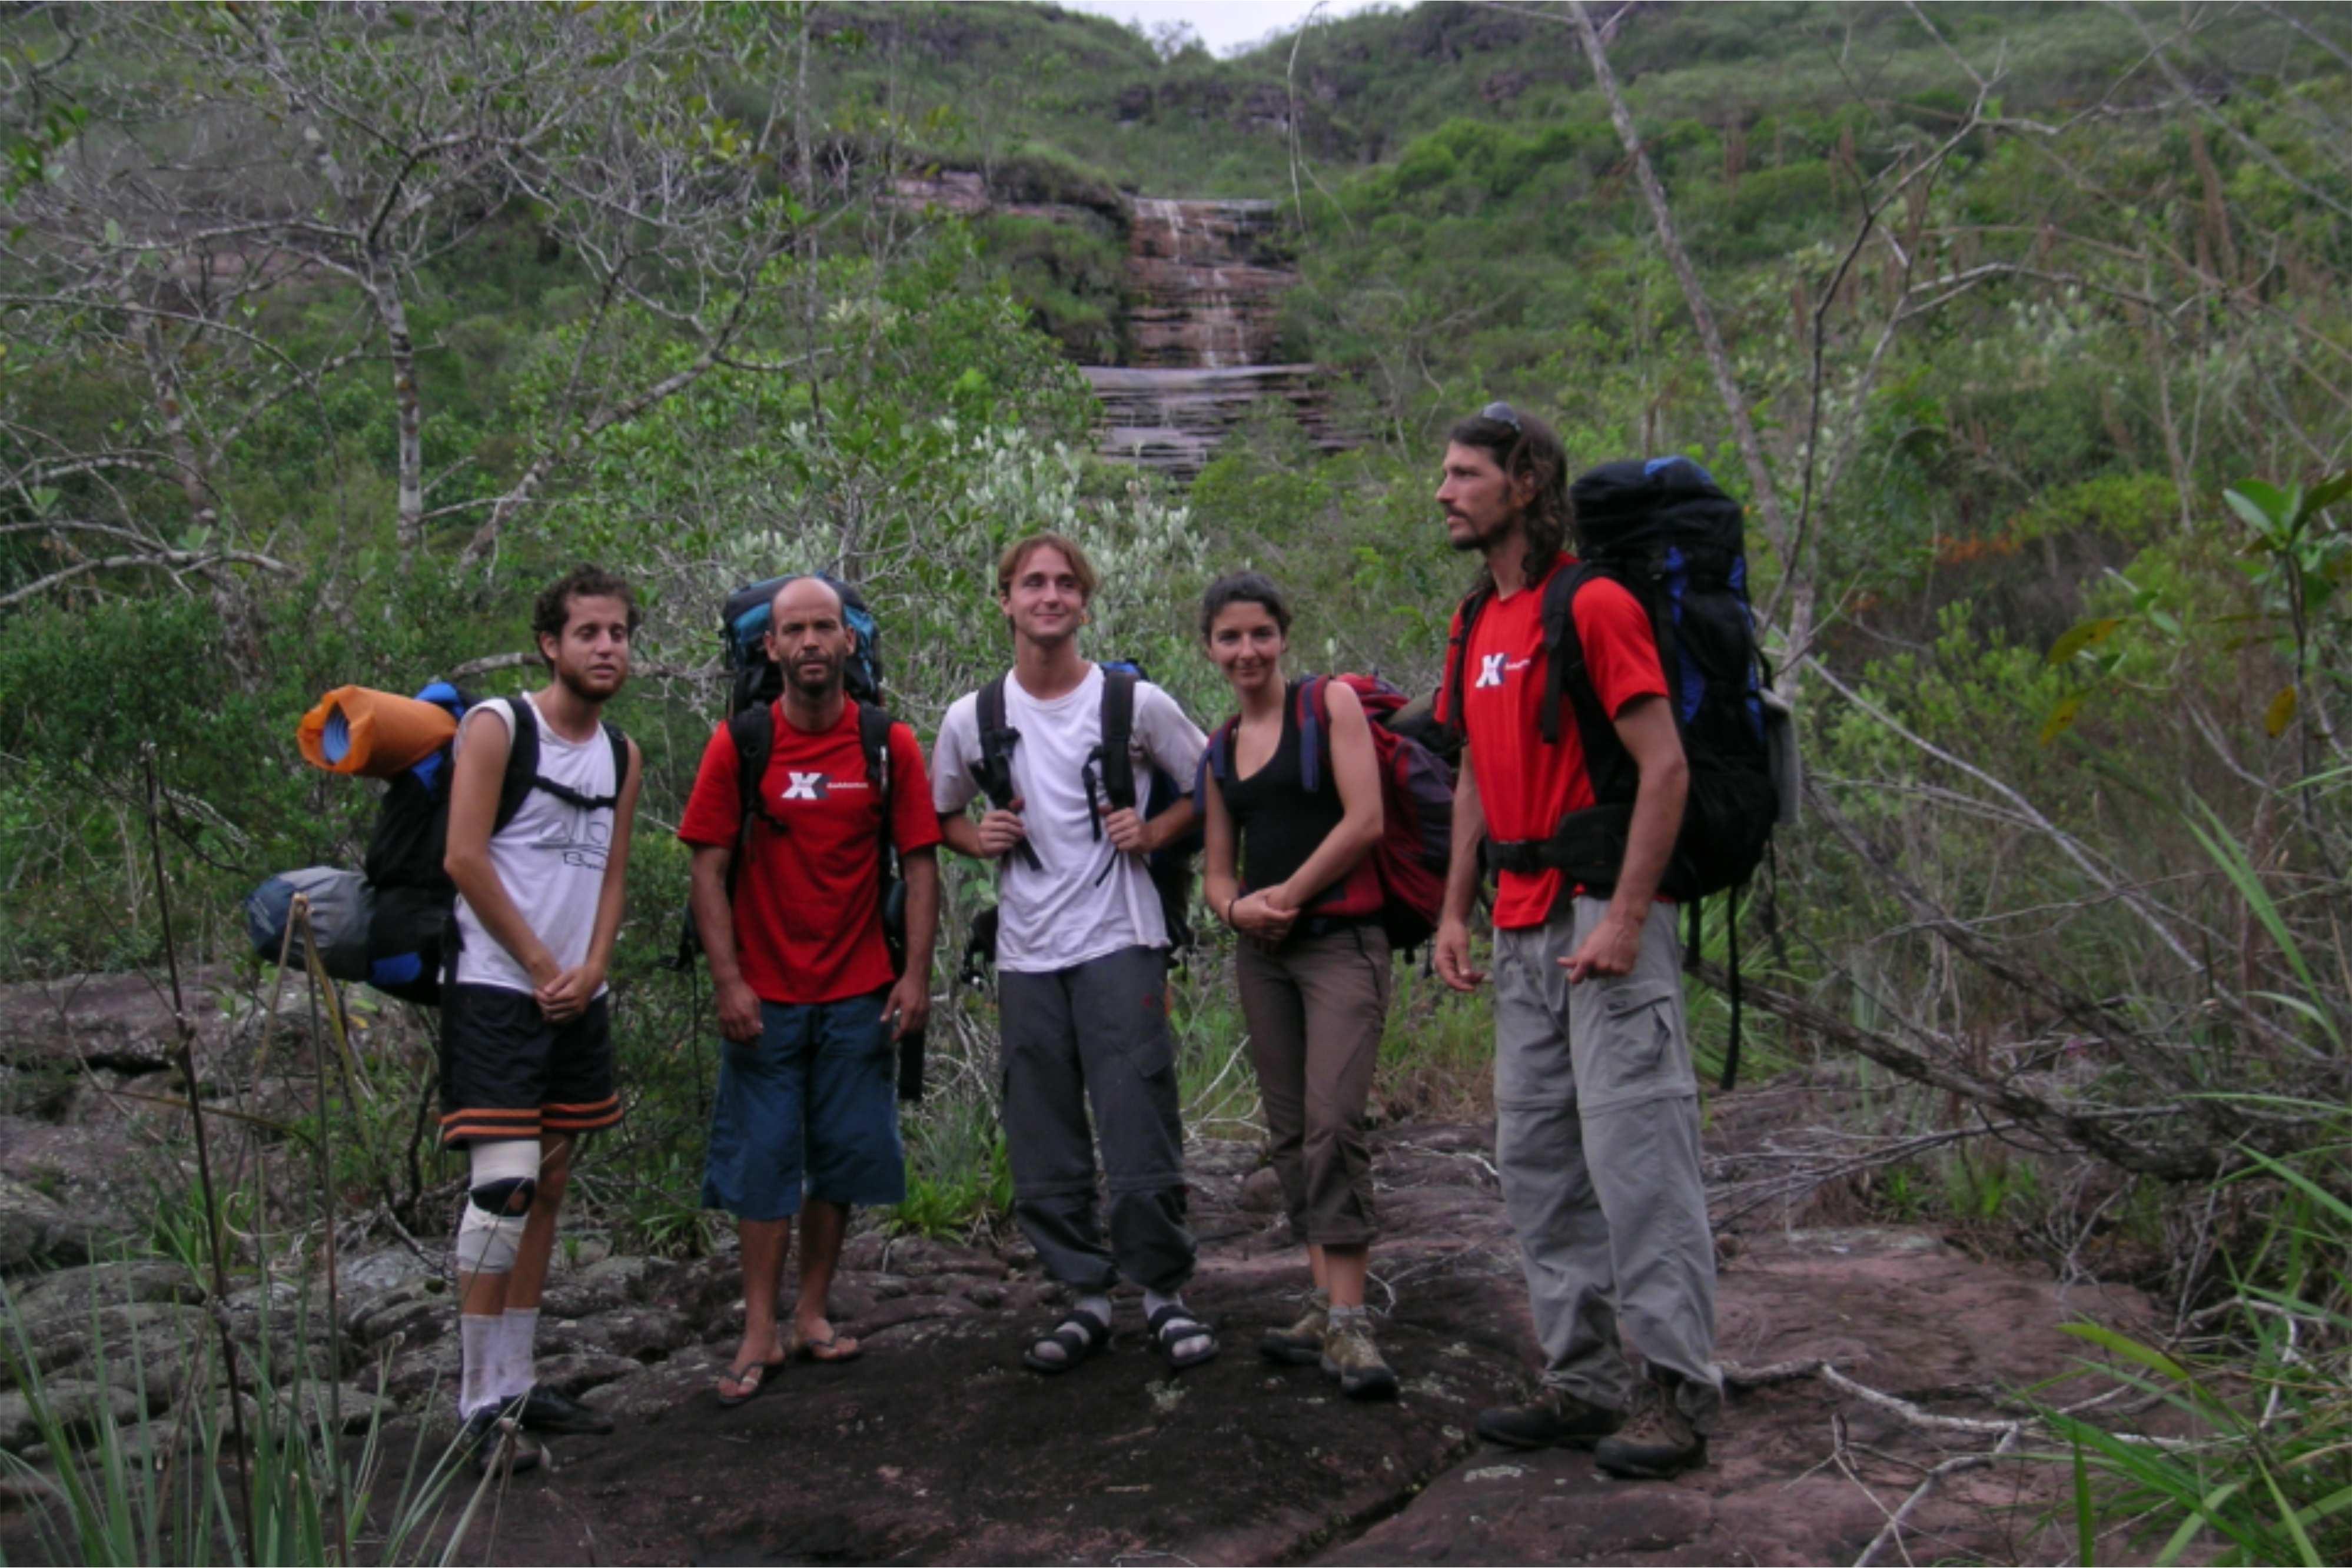 Equipe Extreme - trilha do garimpo